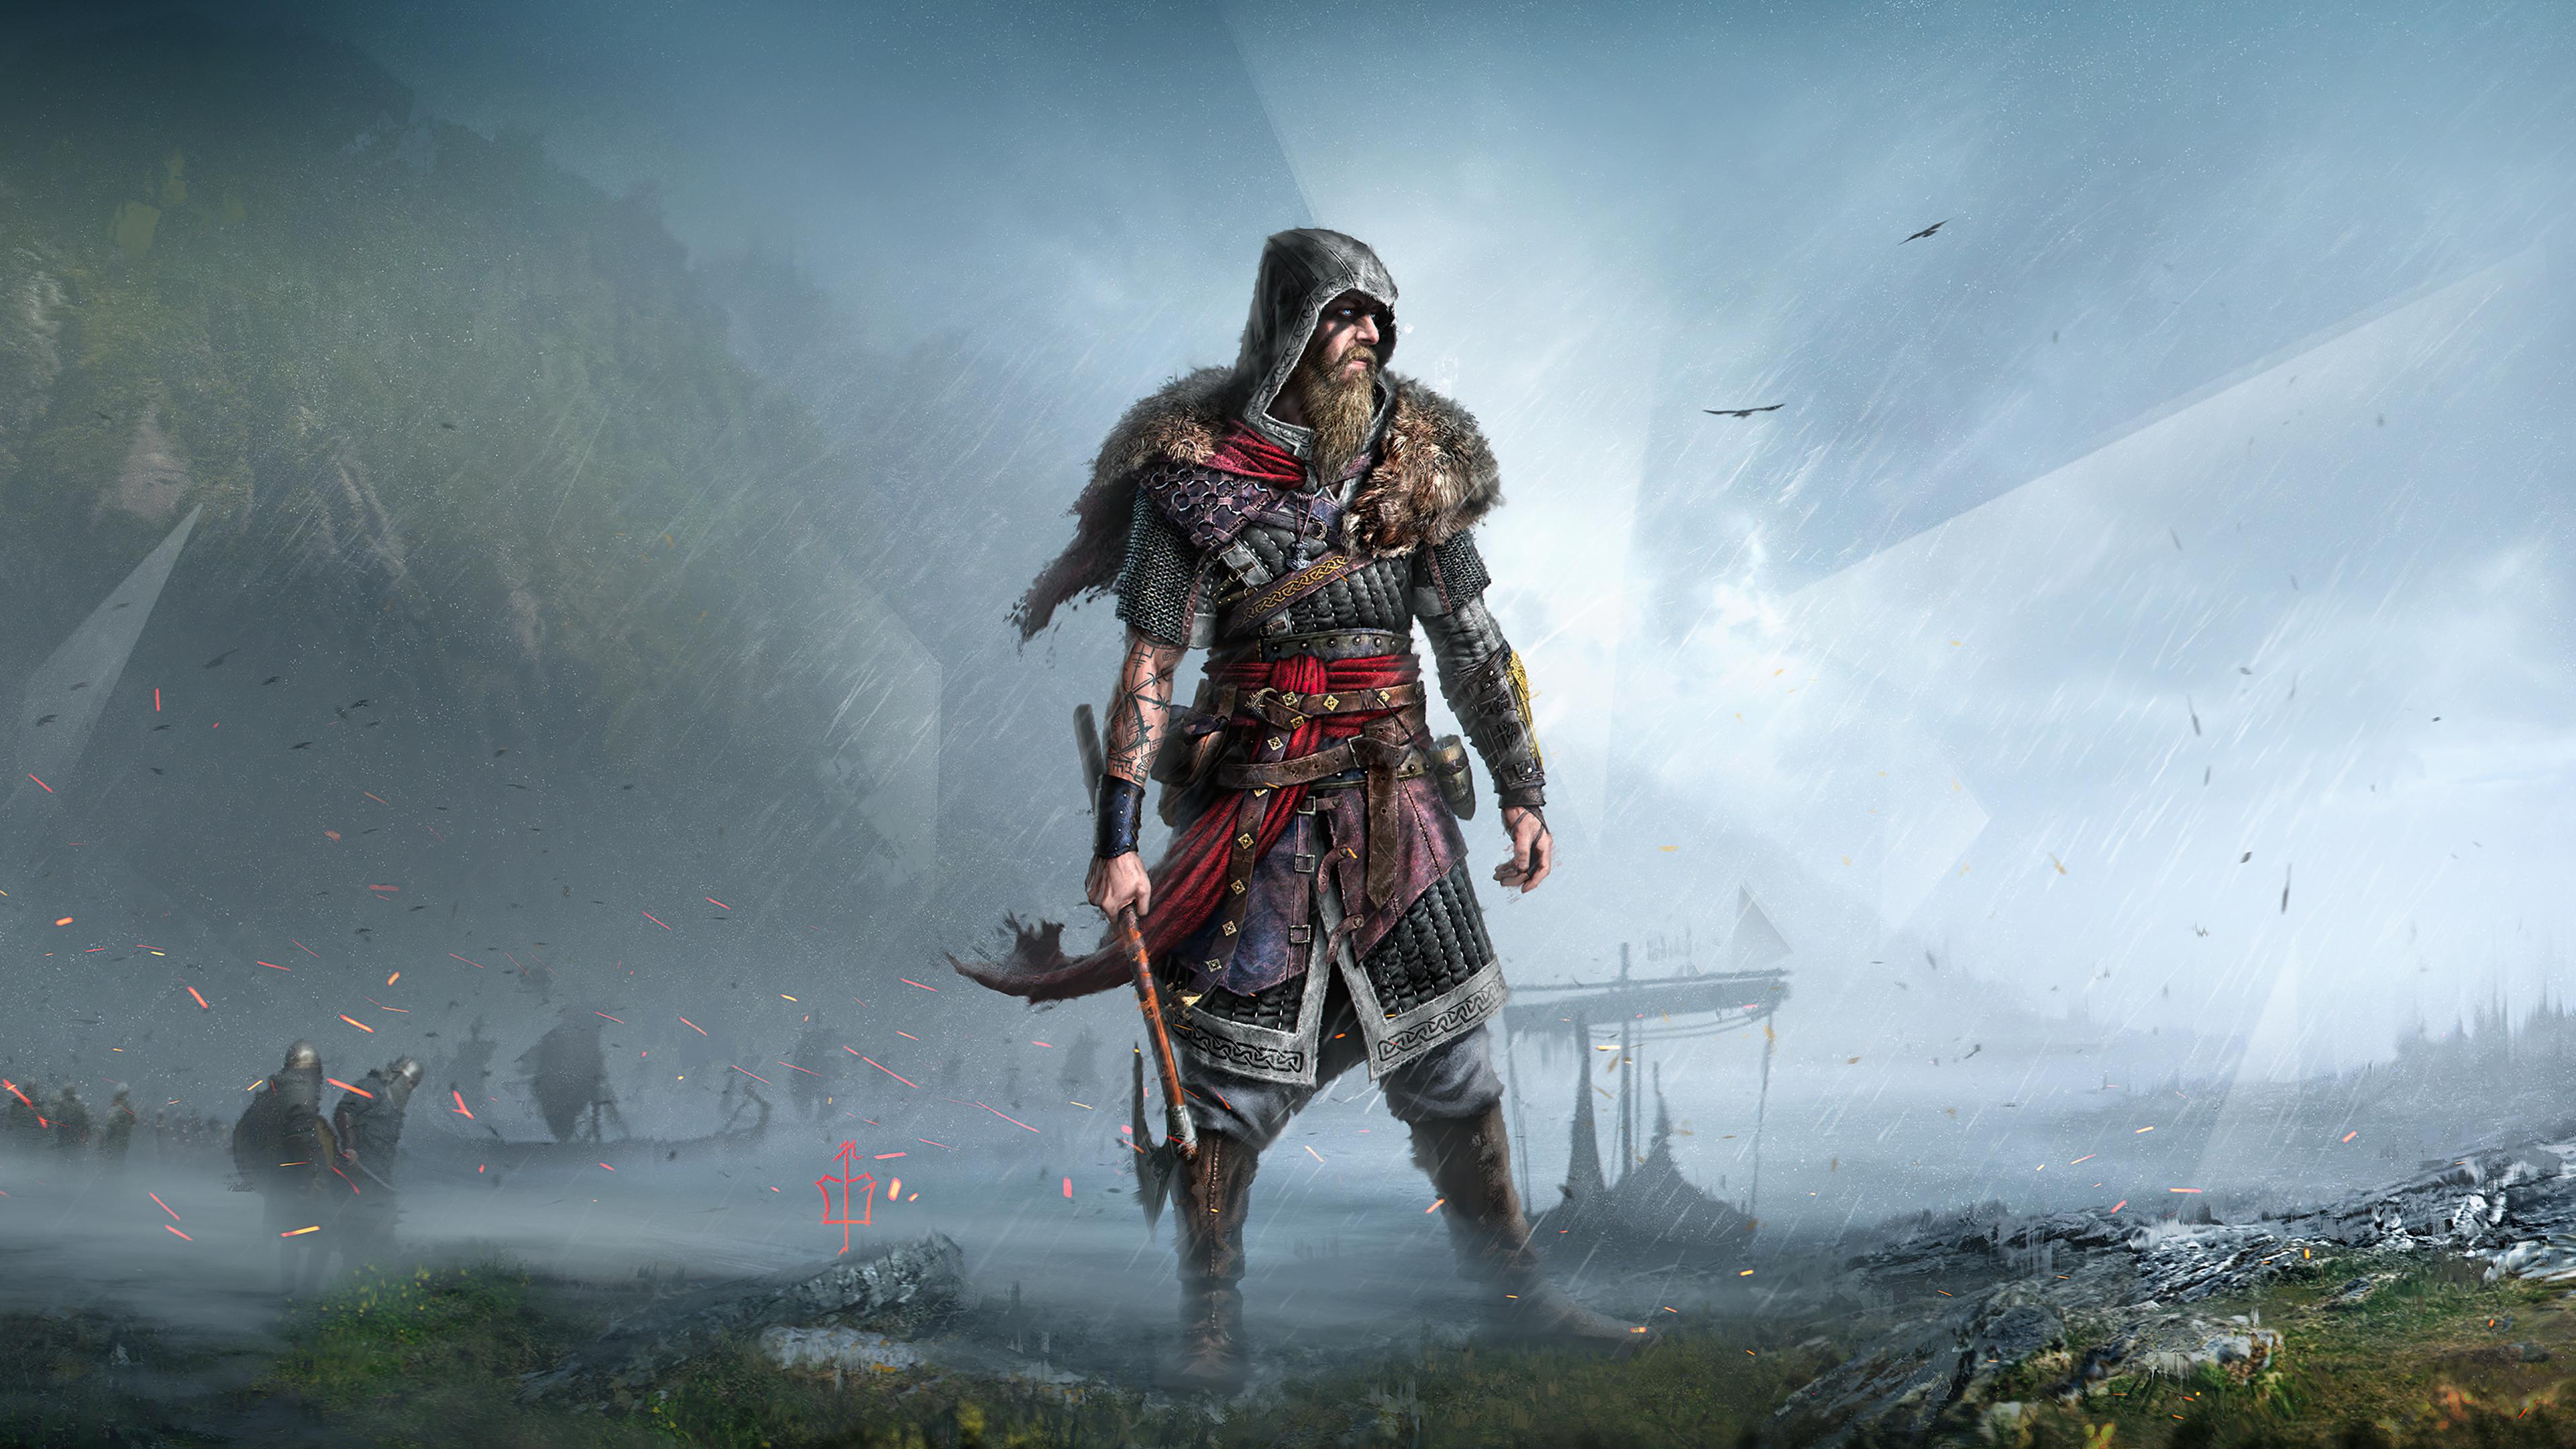 3840x2160 Assassin's Creed Valhalla 8K Viking 4K Wallpaper ...